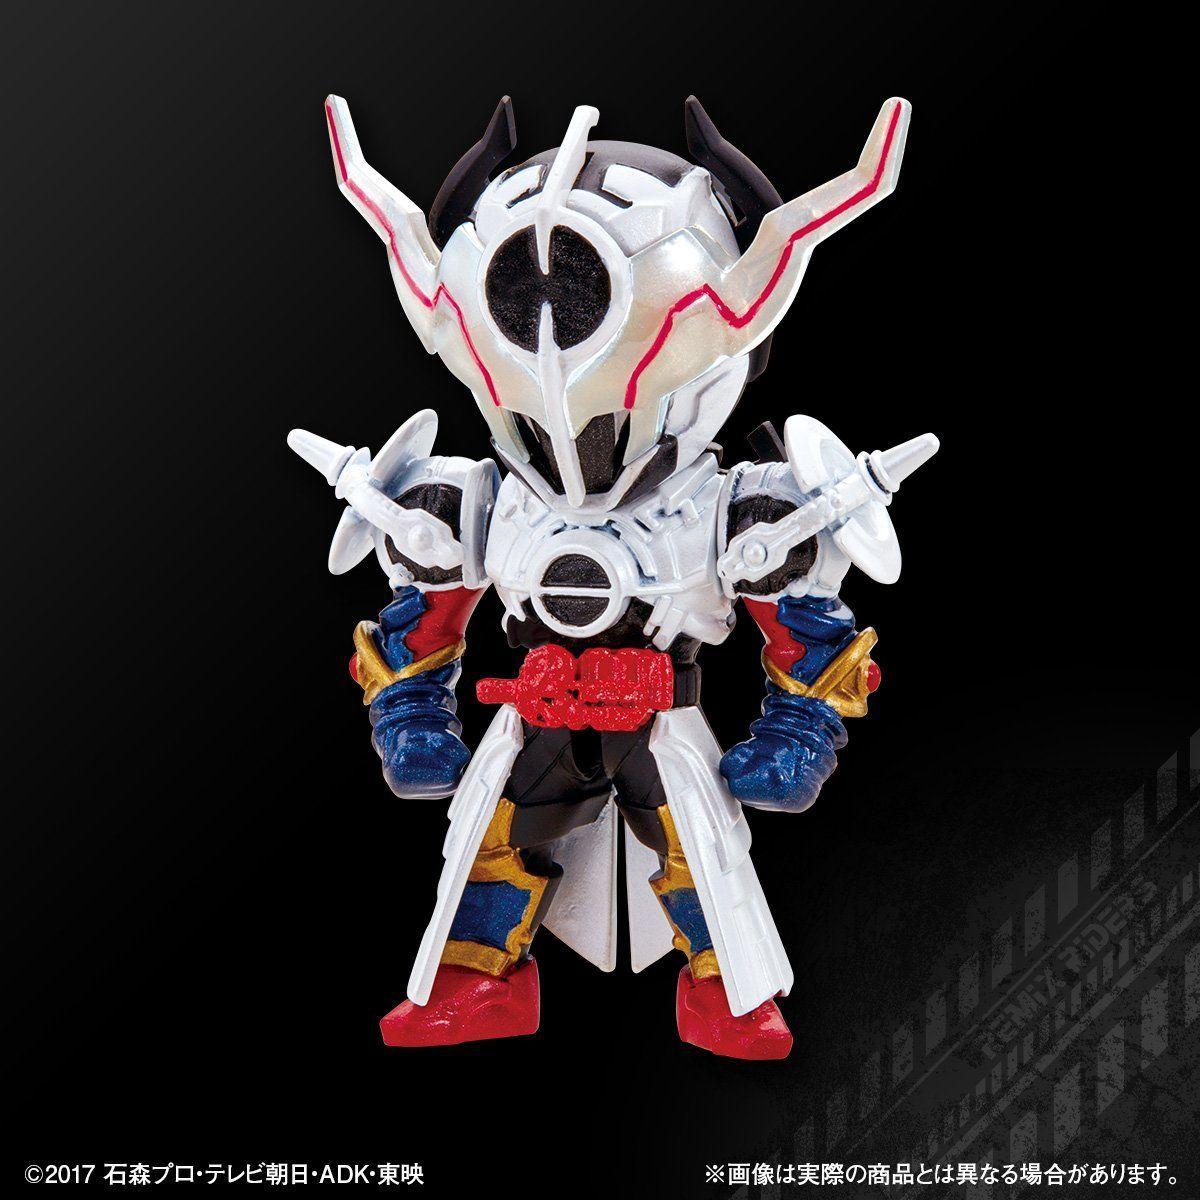 仮面ライダービルド『REMIX RIDERS PB02』ガシャポン-005